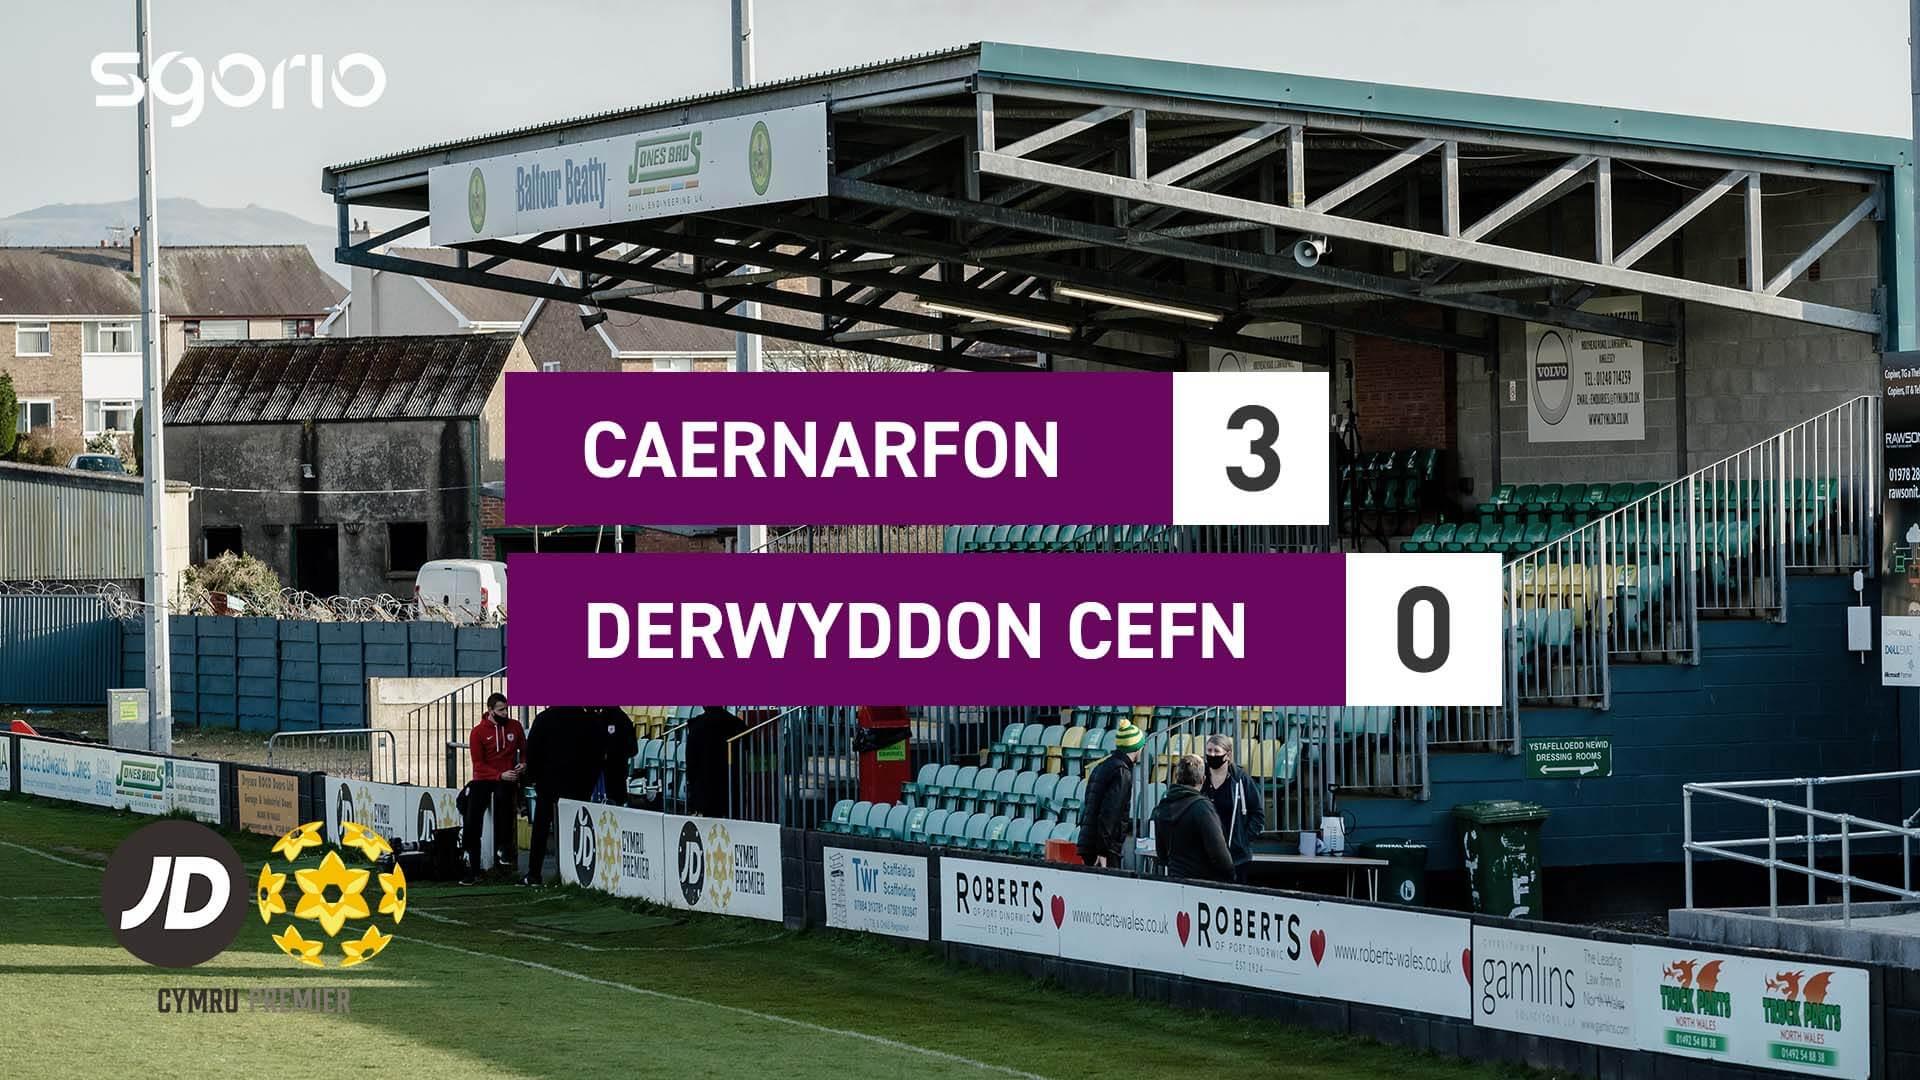 Caernarfon 3-0 Derwyddon Cefn